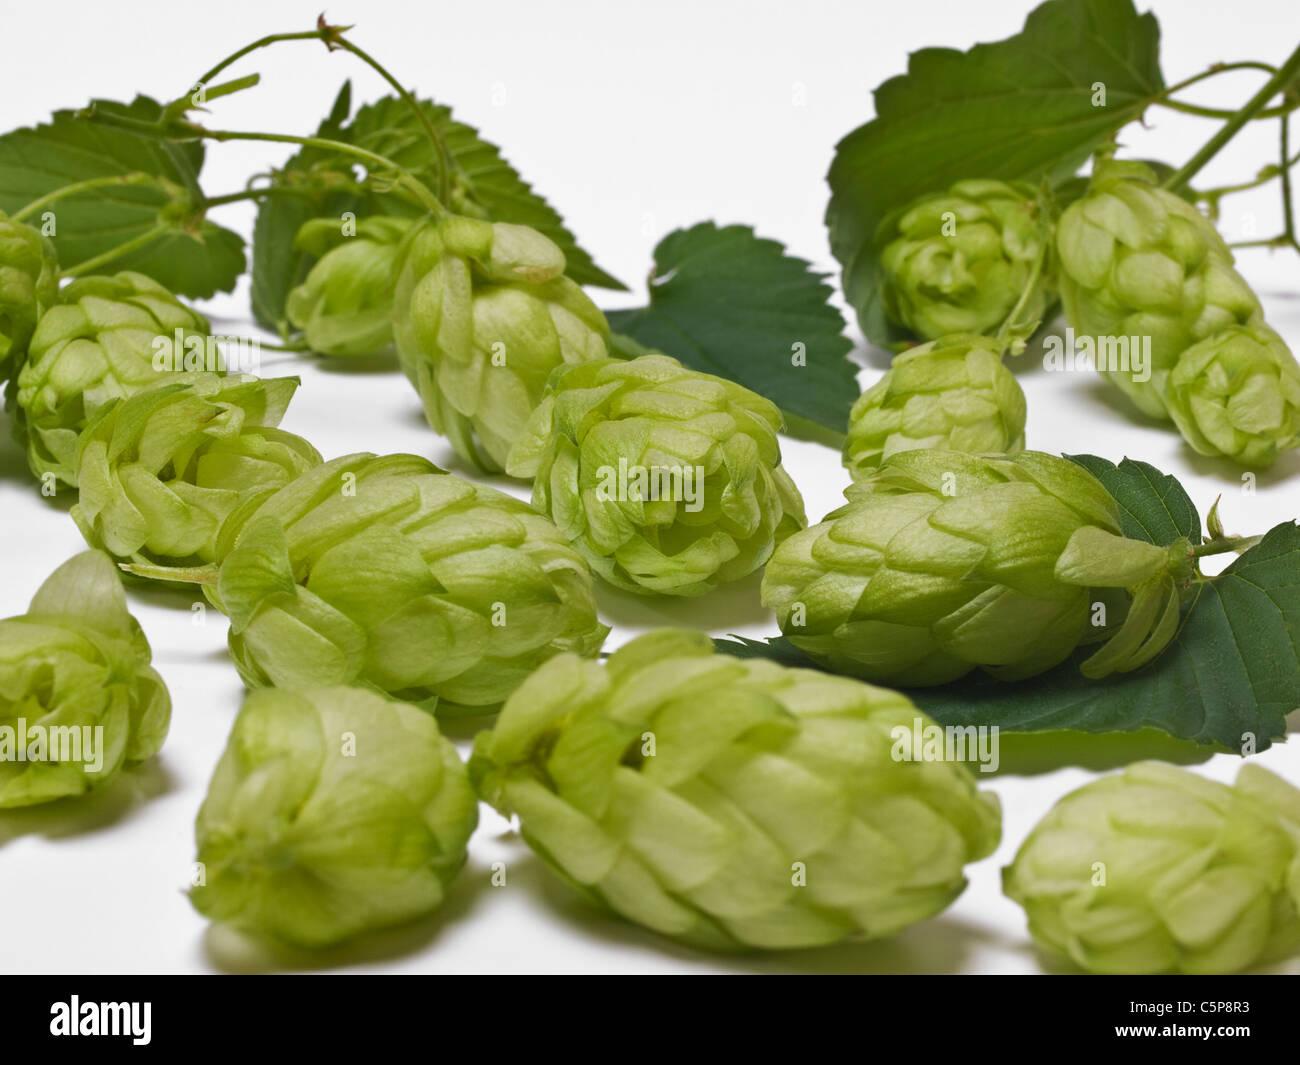 Detailansicht (Hopfenpflanze | photo détail d'un houblon Photo Stock